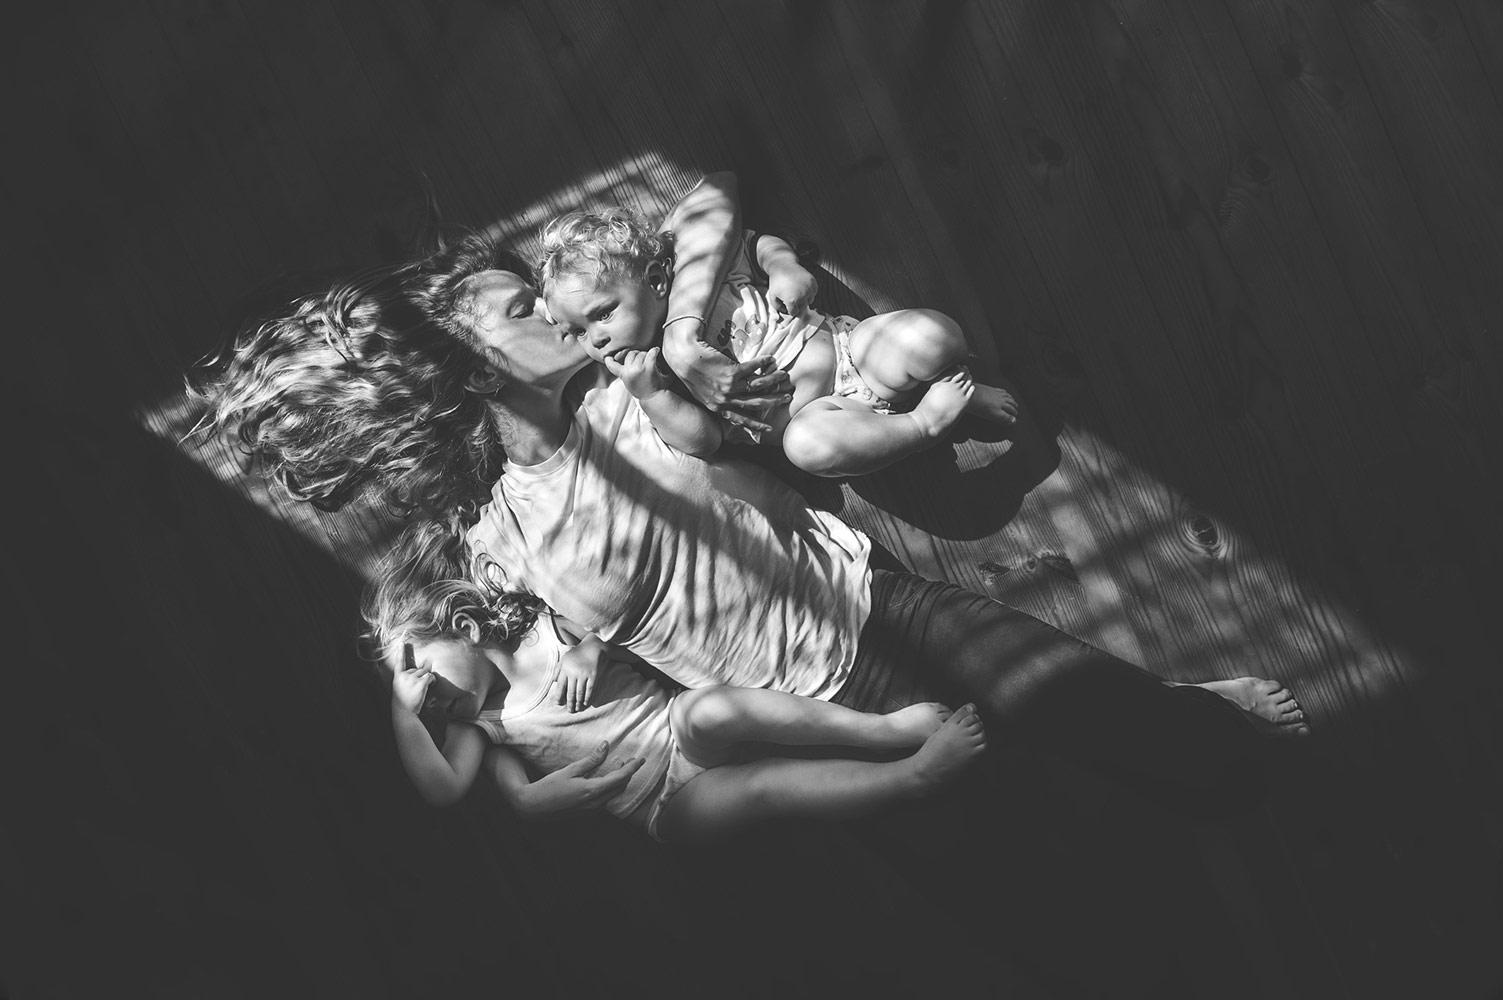 Елена Снегирева, Мамино счастье, 2 место в номинации «Детская фотография», профессионалы, Фотоконкурс Nikon «Я в сердце изображения»